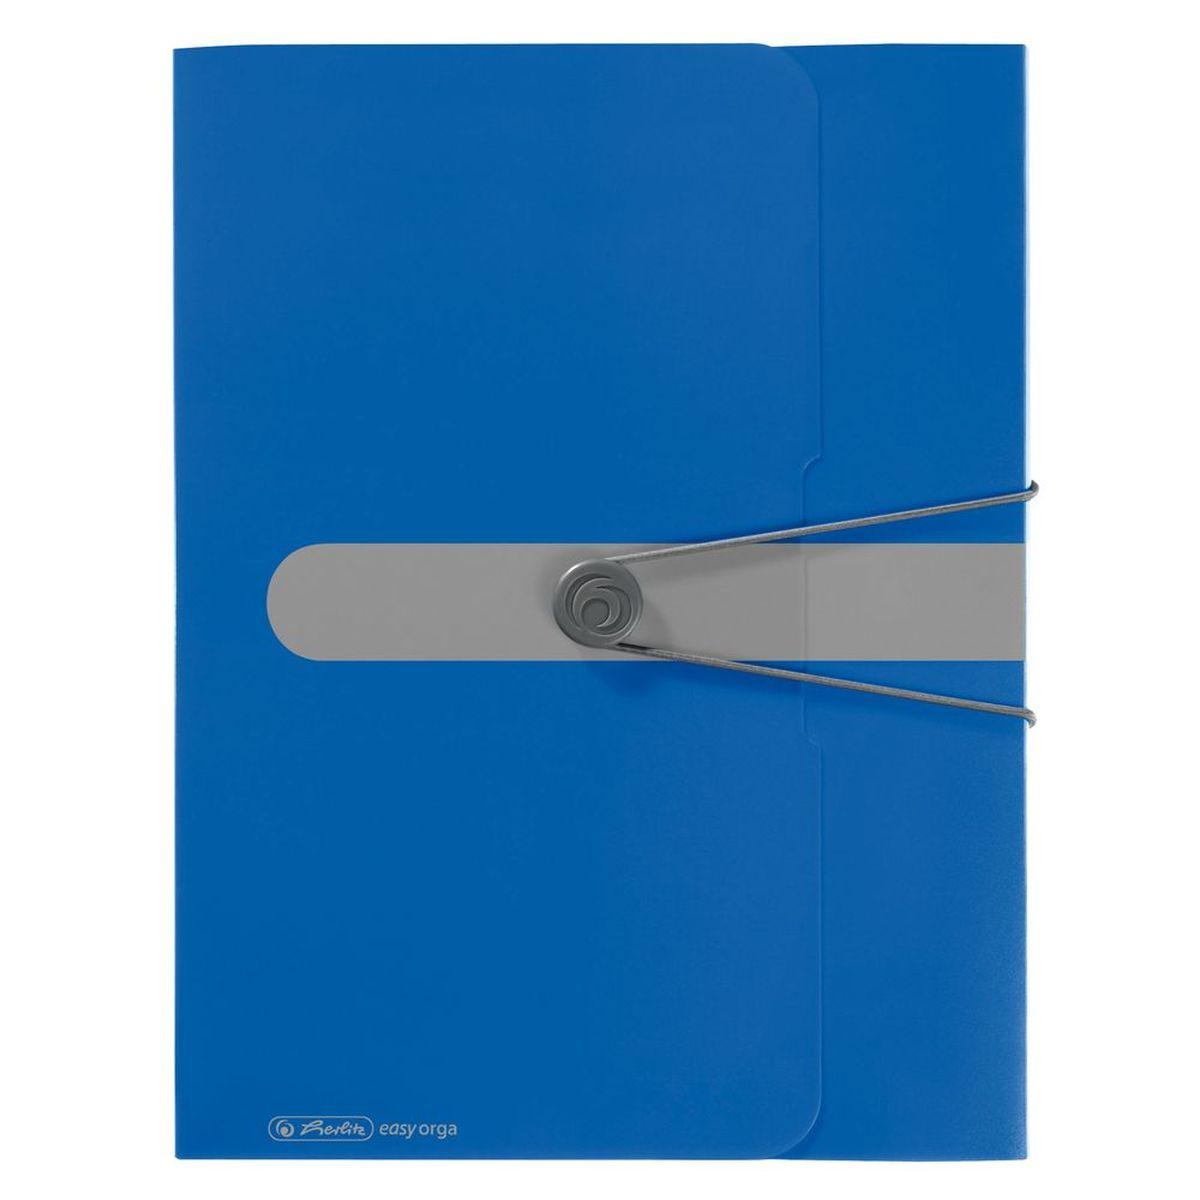 Herlitz Папка-конверт Easy orga to go цвет синий11206125Папка-конверт Herlitz Easy orga to go станет вашим верным помощником дома и в офисе.Это удобный ифункциональный инструмент, предназначенный для хранения и транспортировки больших объемов рабочих бумаги документов формата А4. Папка изготовлена из износостойкого пластика и качественного полипропилена.Состоит из одного вместительного отделения. Закрывается папка при помощи резинки, а на корешке папки естьярлычок.Папка - это незаменимый атрибут для любого студента, школьника или офисного работника. Такаяпапка надежно сохранит ваши бумаги и сбережет их от повреждений, пыли и влаги.